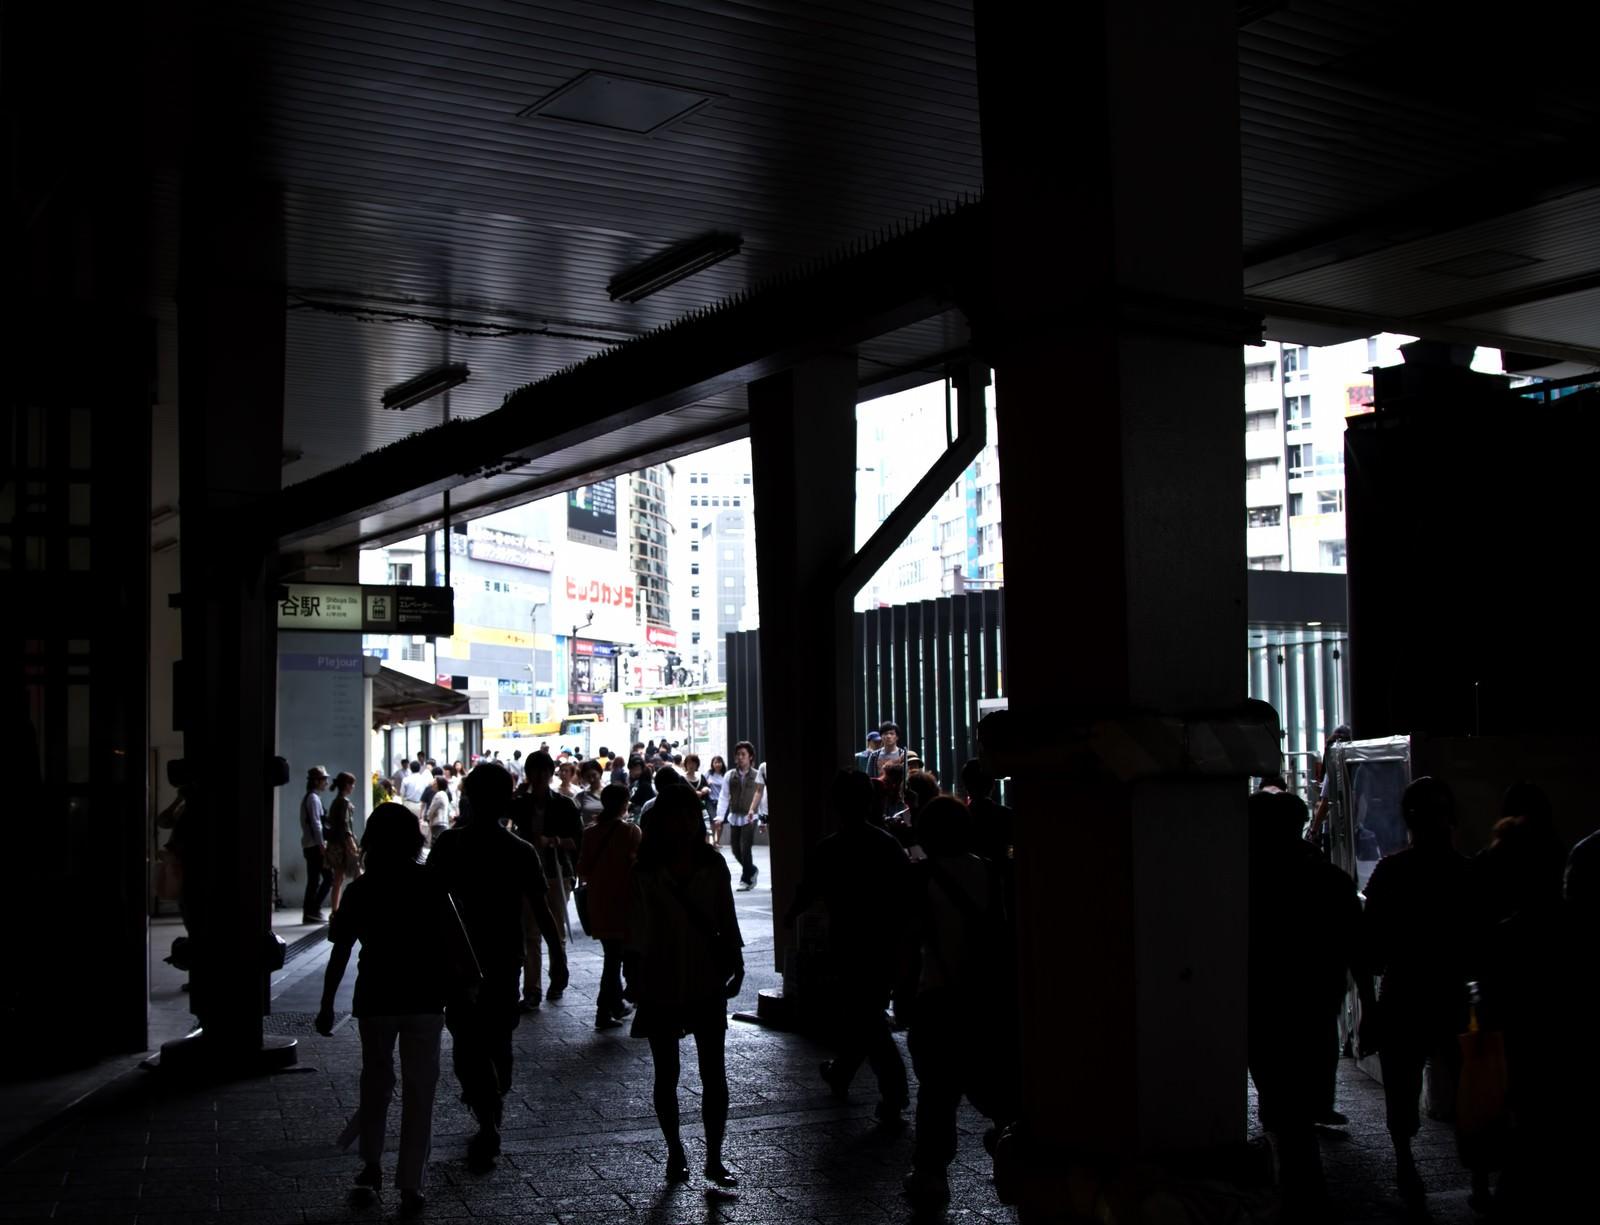 「渋谷の高架下」の写真